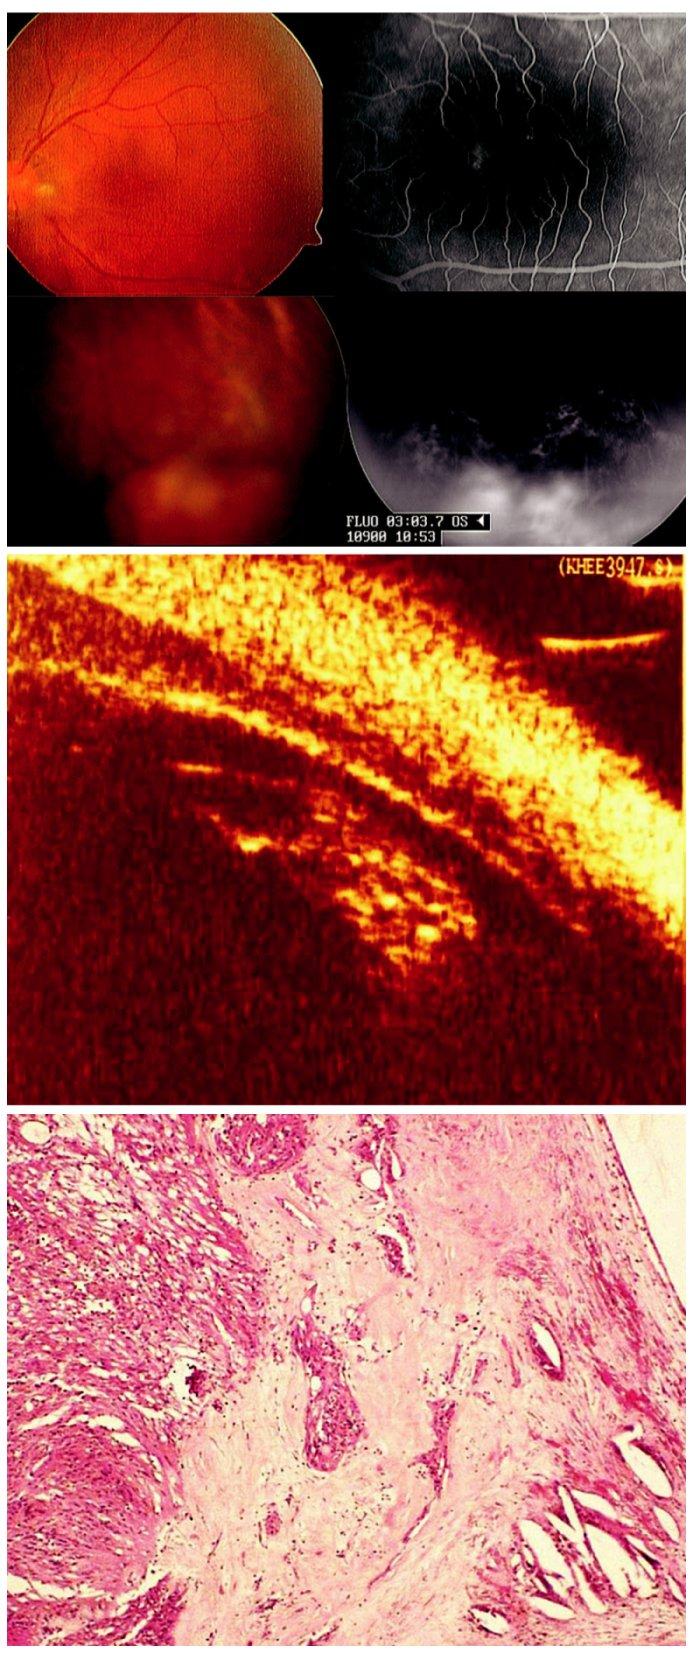 Coatsova nemoc manifestující se jako infekční chorioretinitida (toxokara, toxoplazma) u 37leté ženy. A) Cystoidní makulární edém a elevovaný žlutočervený útvar v periferii sítnice levého oka. Při fluorescenční angiografii patrné prosakování fluoresceinu v makule i elevovaném útvaru v periferii sítnice. B) Biomikroskopický ultrazvuk nepotvrdil zánětlivé změny. C) Histopatologické vyšetření enukleovaného pravého bulbu prokázalo exsudativní amoci, přítomnost cholesterolu a teleangiektatických cév s minimální zánětlivou reakcí